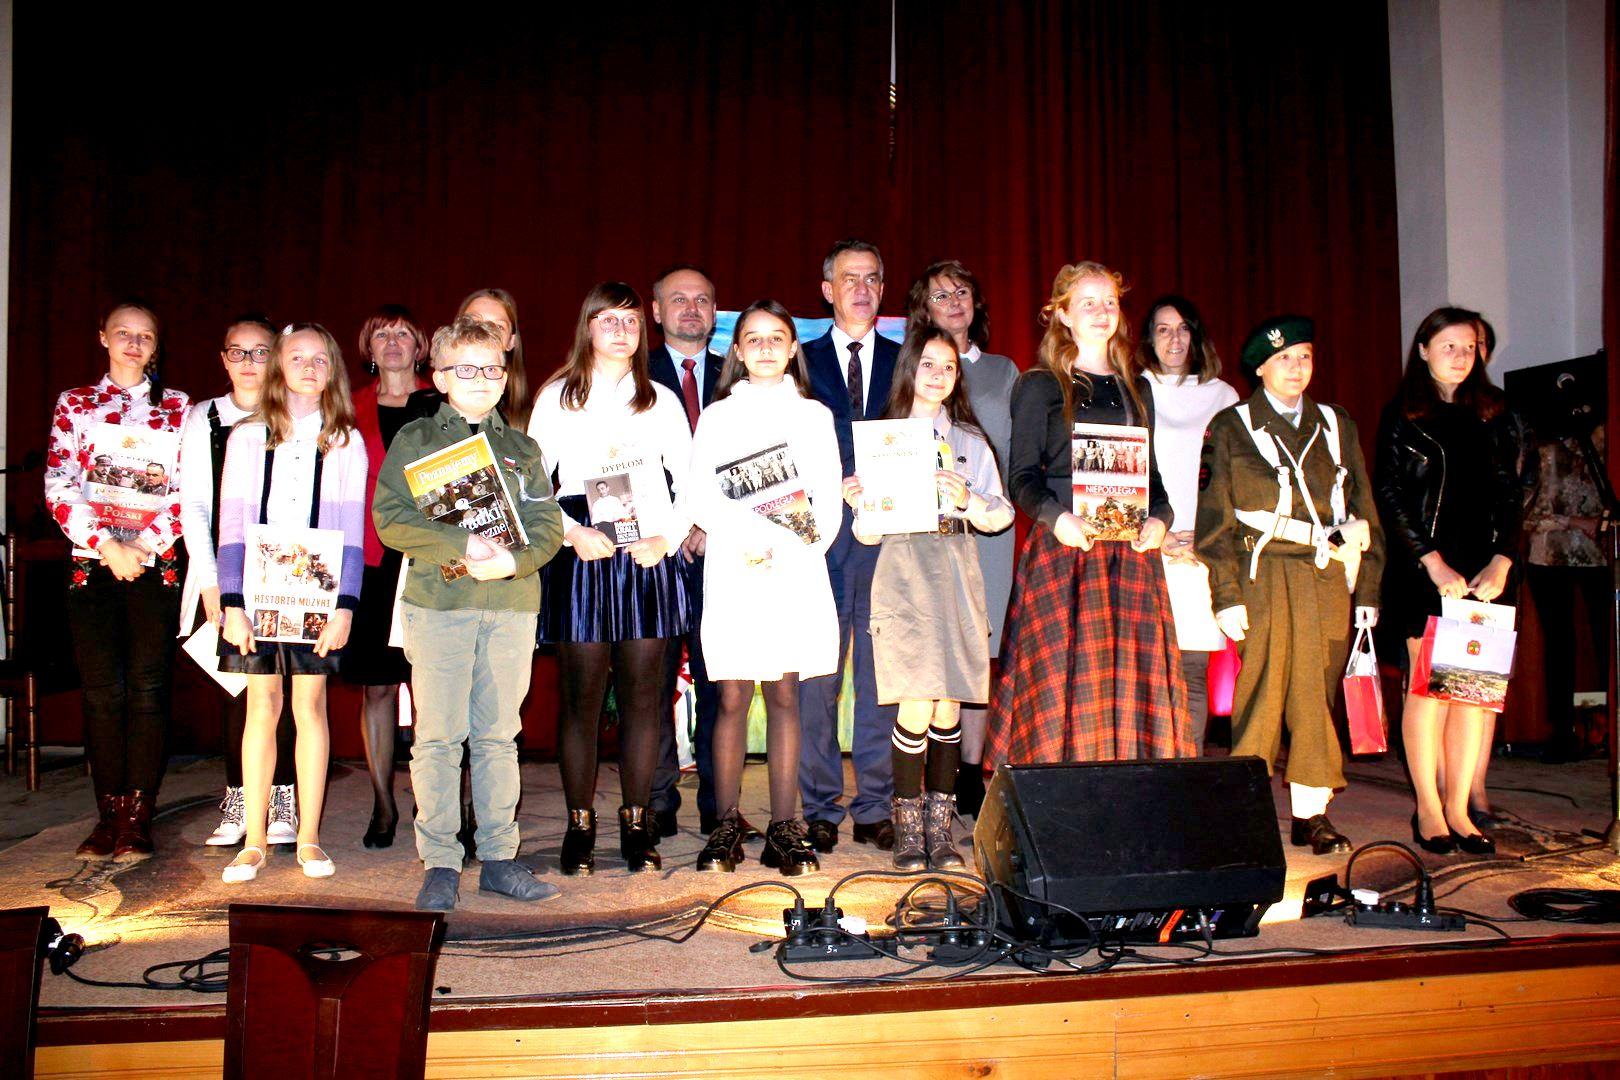 Konkurs Poezji i Pieśni Patriotycznej w Zespole Szkolno – Przedszkolnym Nr 1 w Limanowej - zdjęcie główne